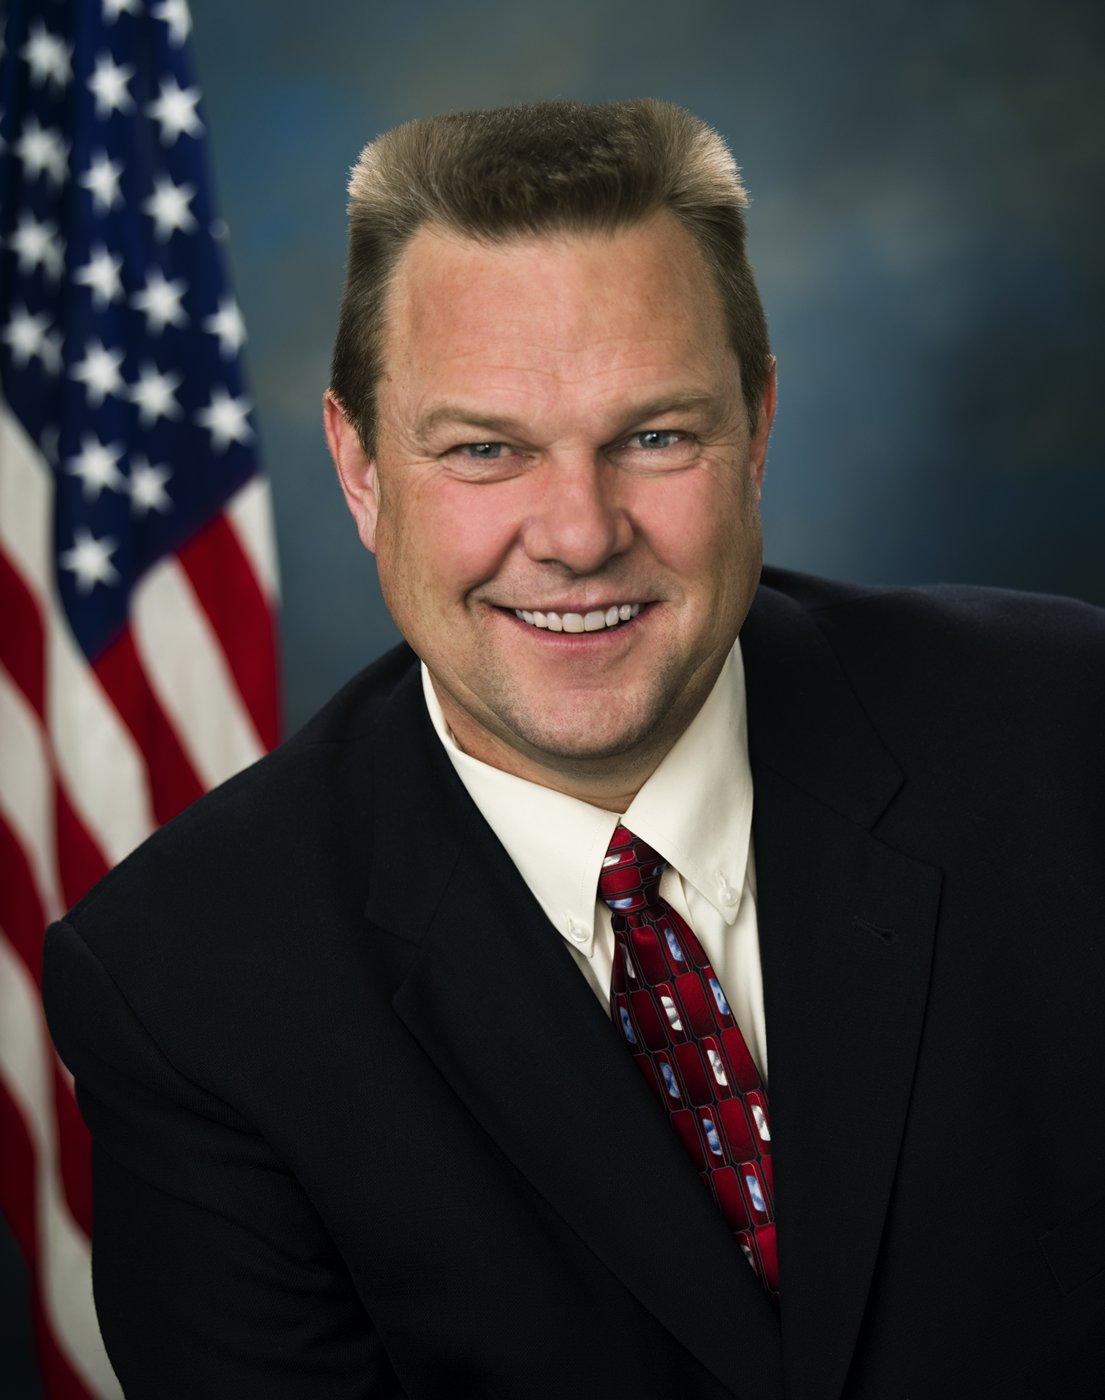 Sen. Jon Tester (D-MT)